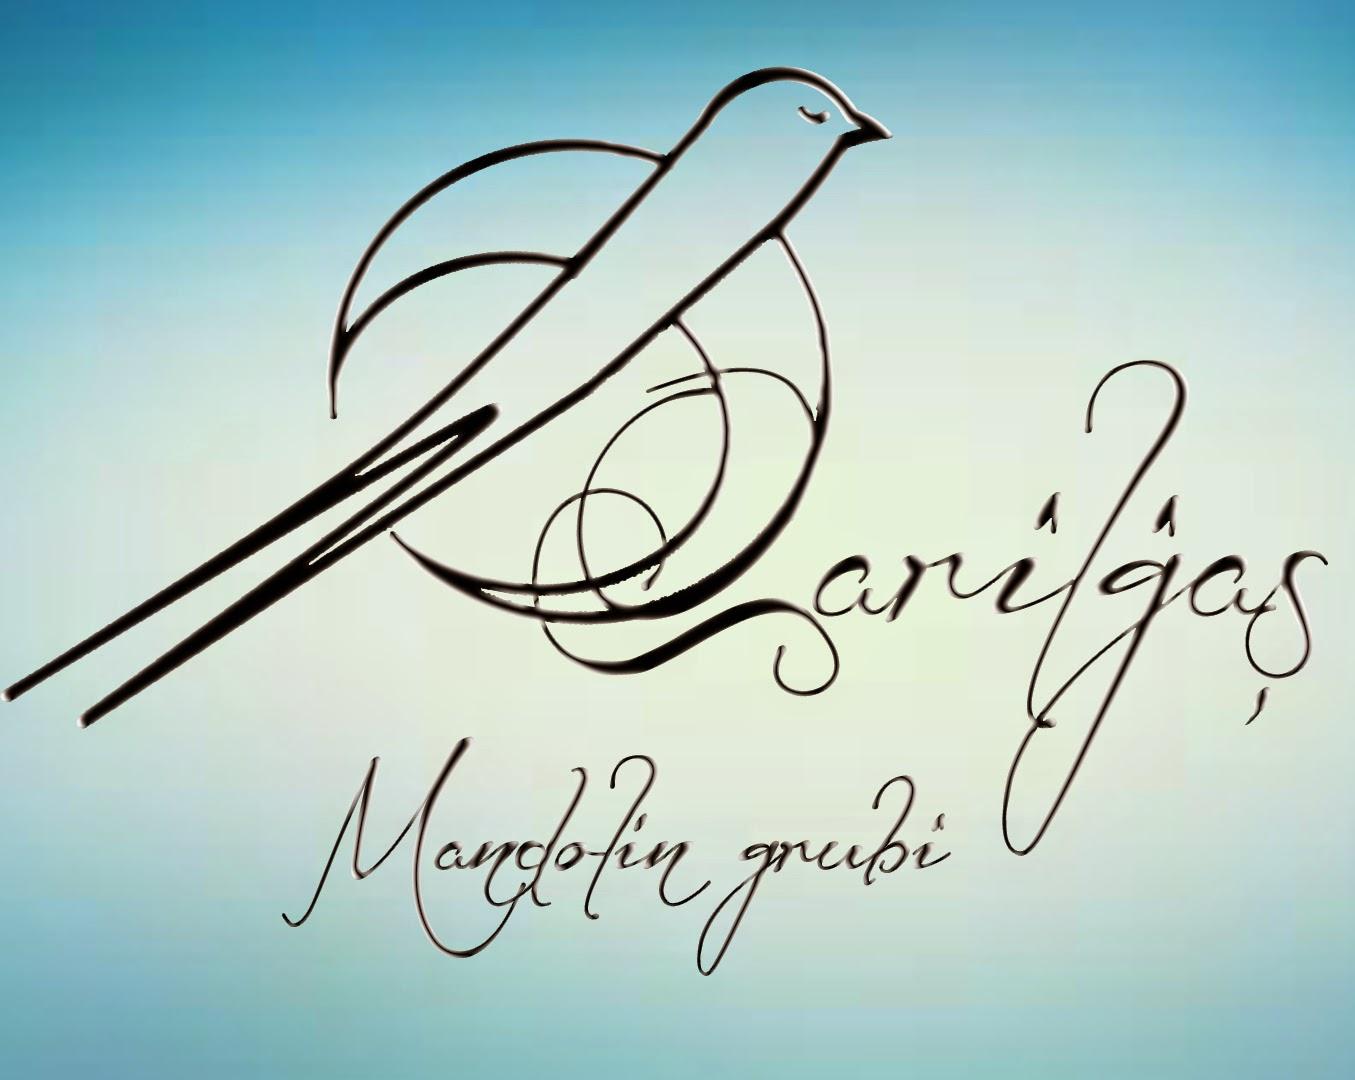 QARÎLGAȘ mandolin grubî (facebook)